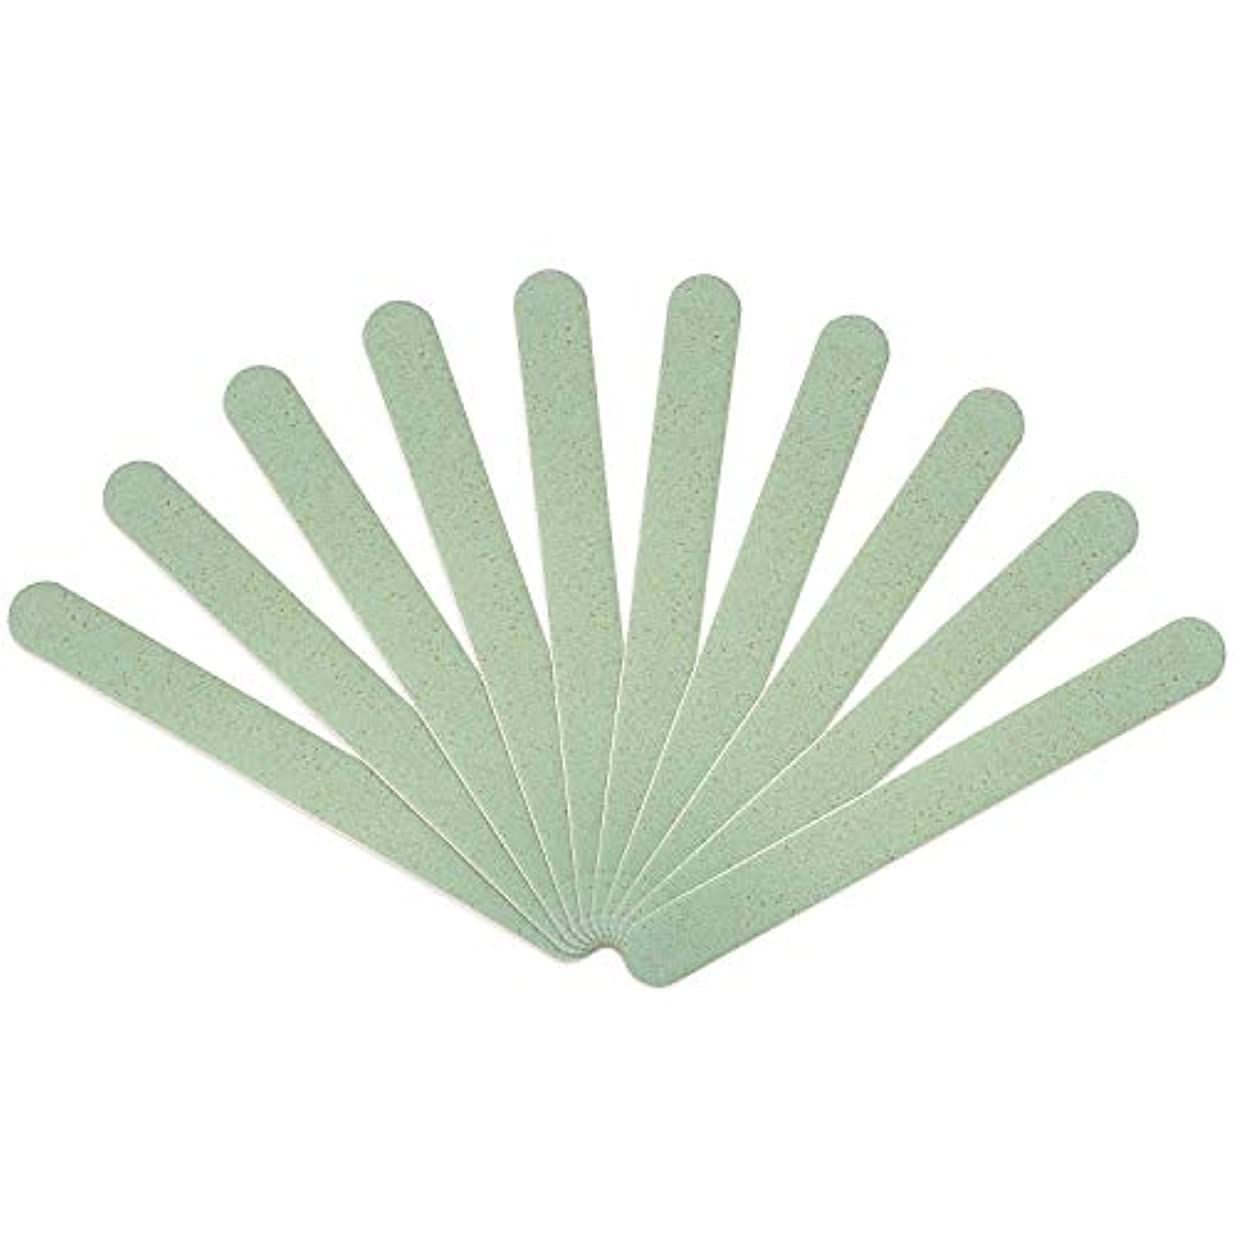 亜熱帯リマーク雑種CIPOWバッファー 爪やすり 爪 磨き ネイルシャイナー 10本入バッファー400/6000グリット ネイルをつやつやに スポンジファイル ソフトファイル ネイルポリッシュファイル